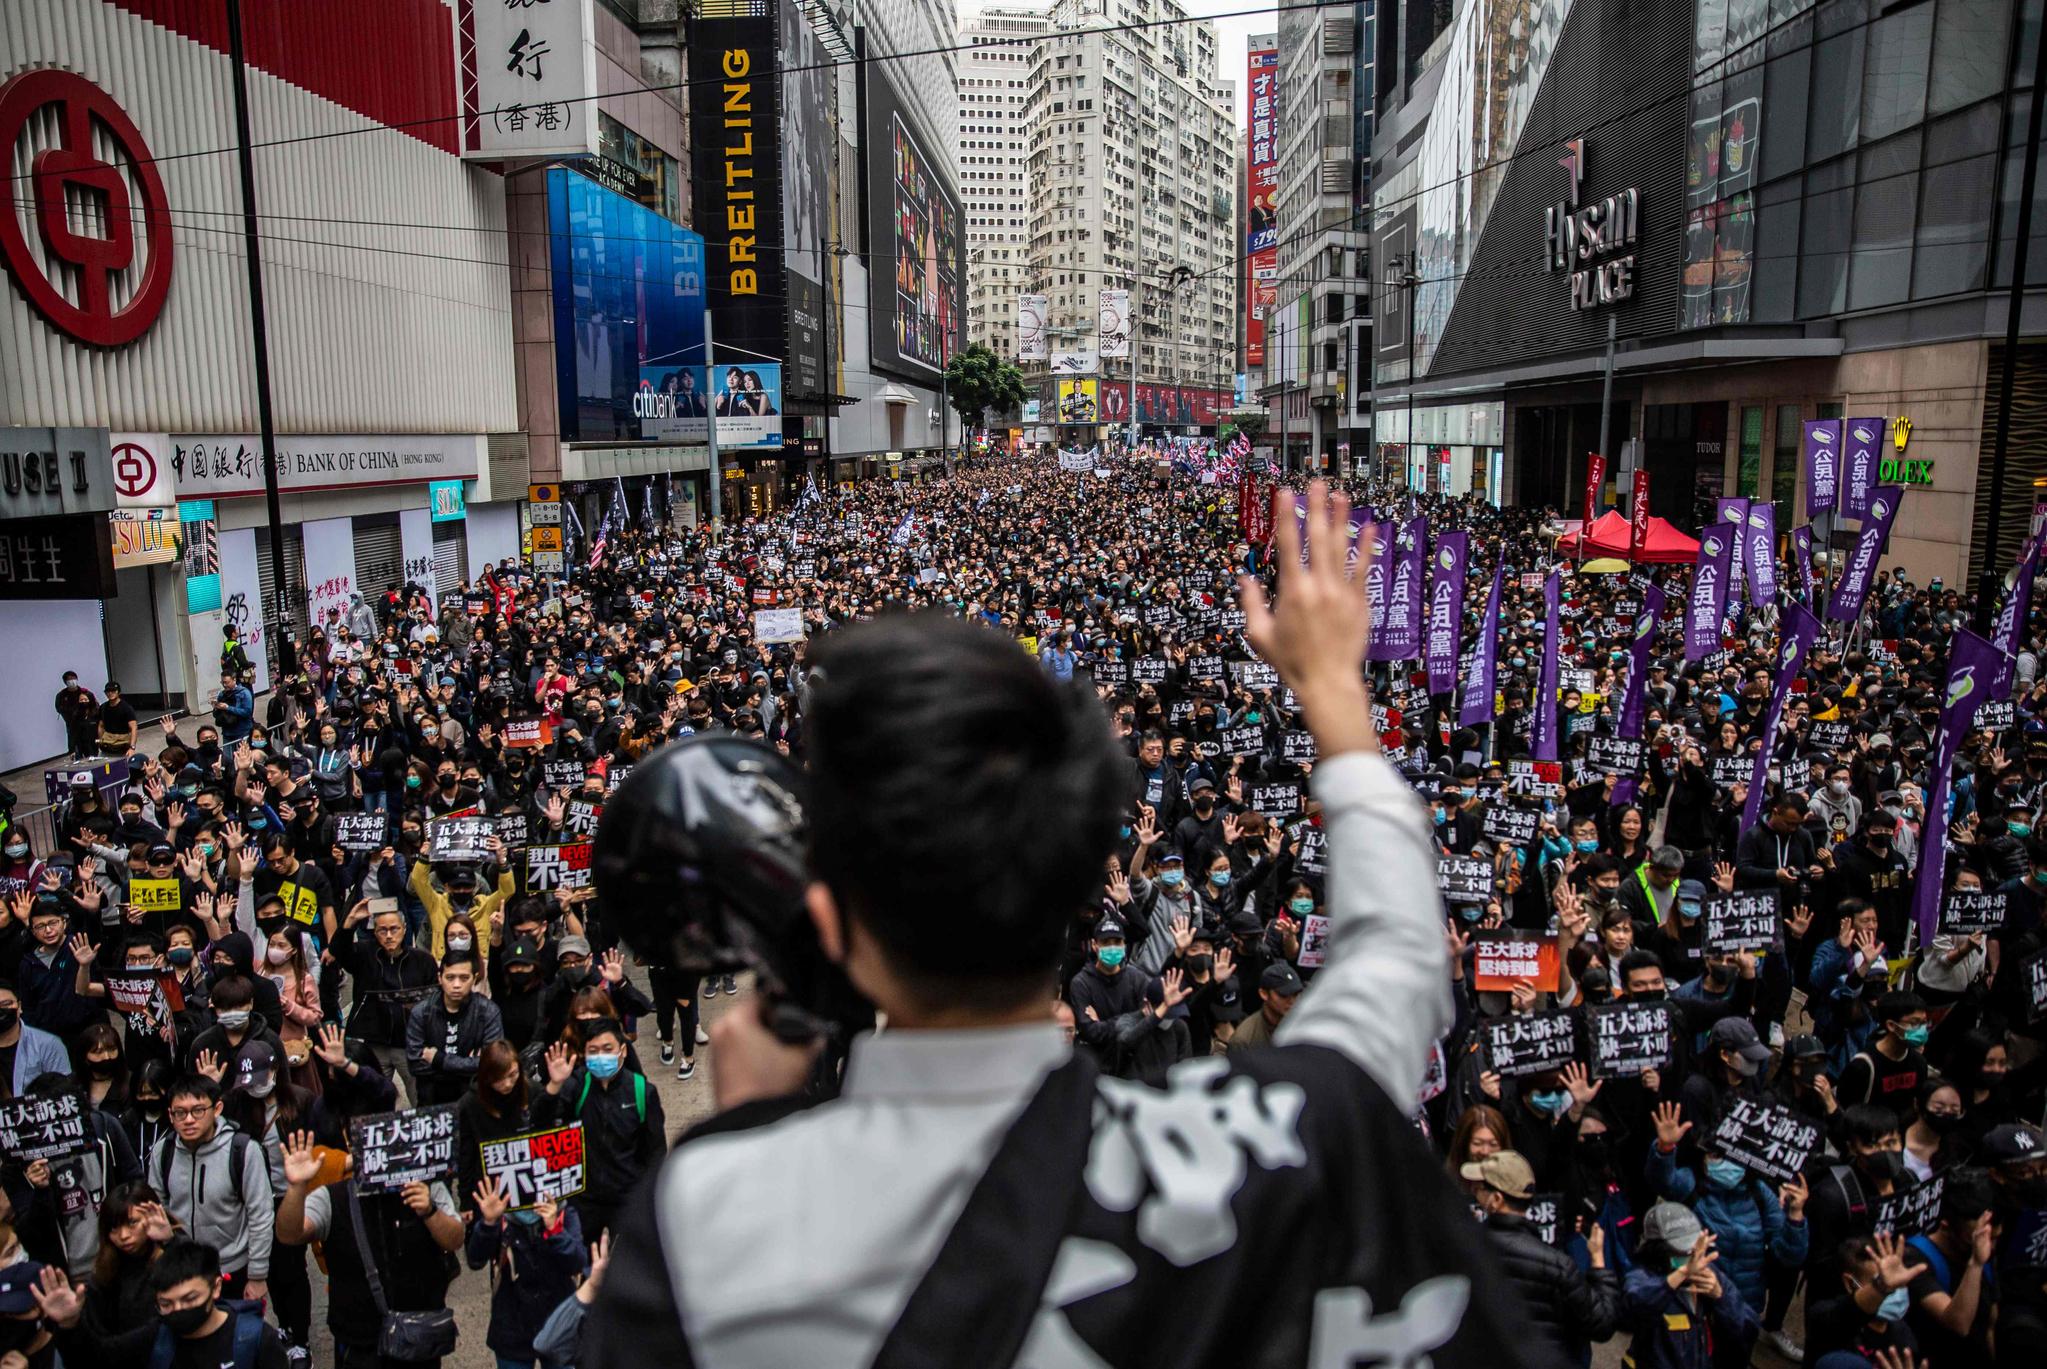 2020년 새해 첫날인 1일(현지시간) 홍콩에서 100만여 명이 참여한 대규모 도심 시위가 벌어졌다. [AFP=연합뉴스]